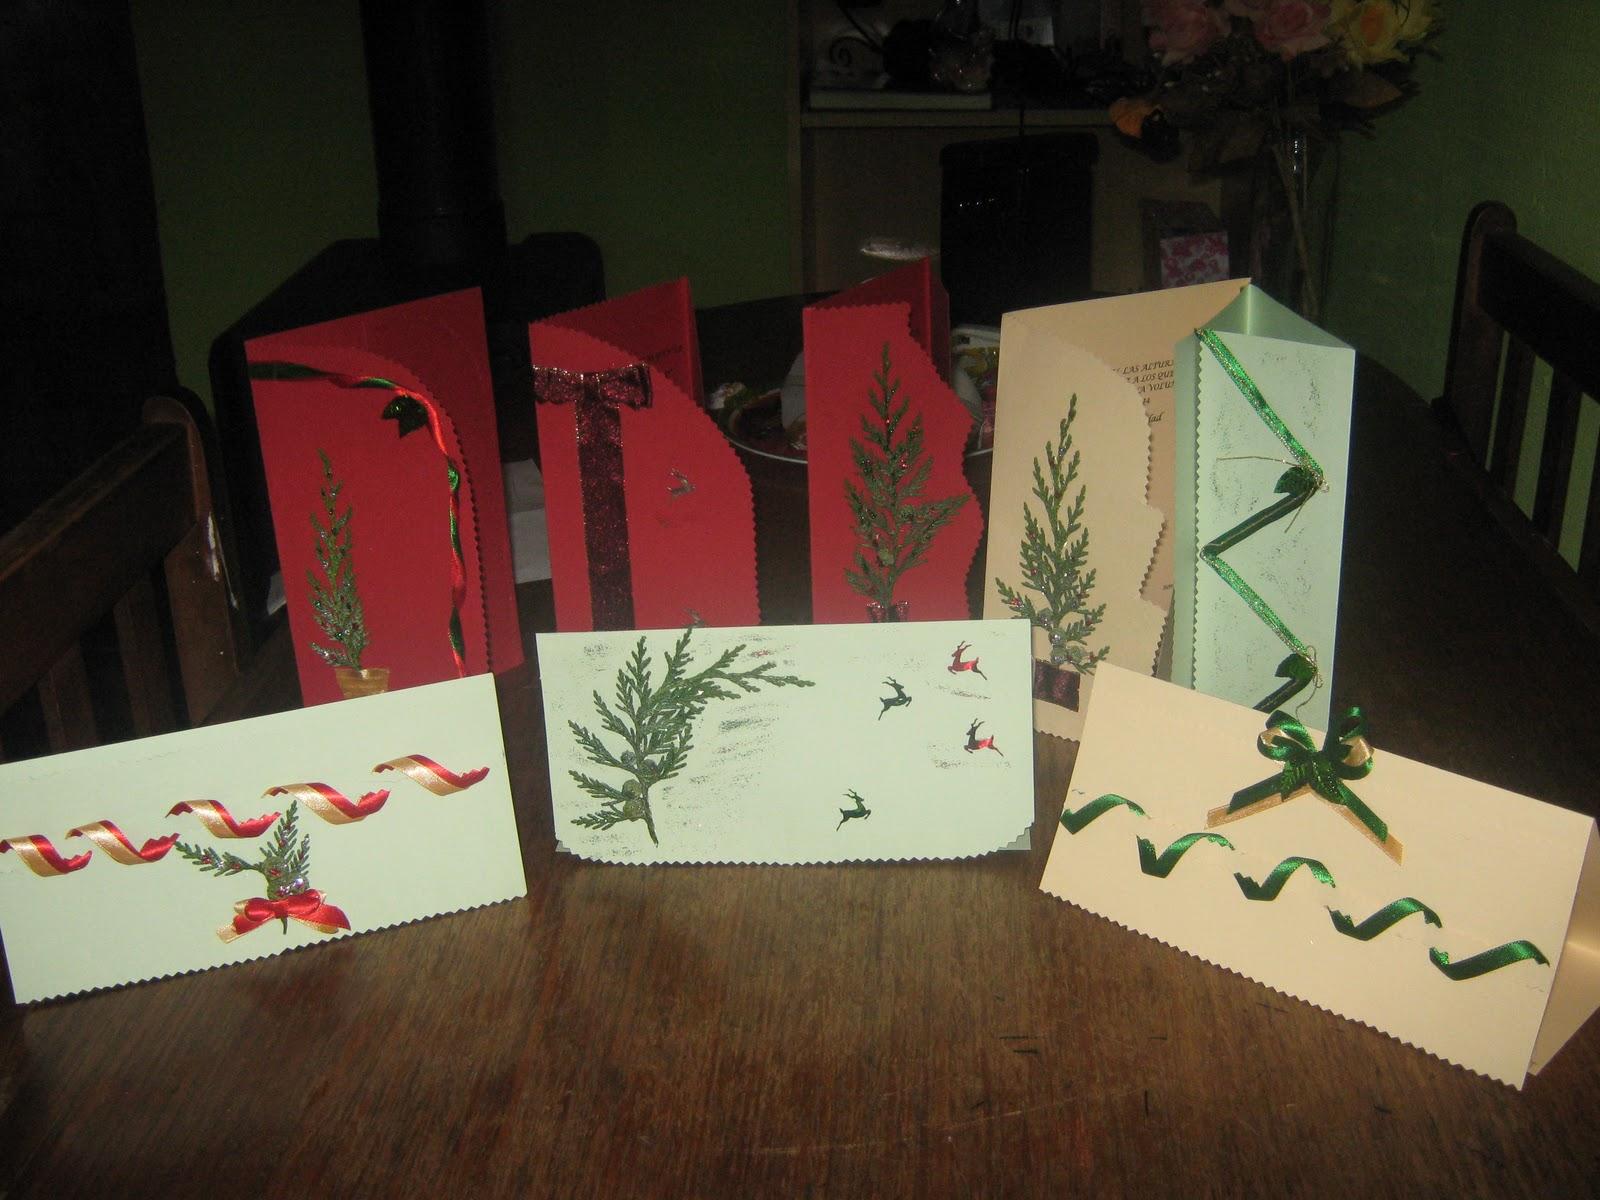 tarjetas artesanales para cualquier ocación